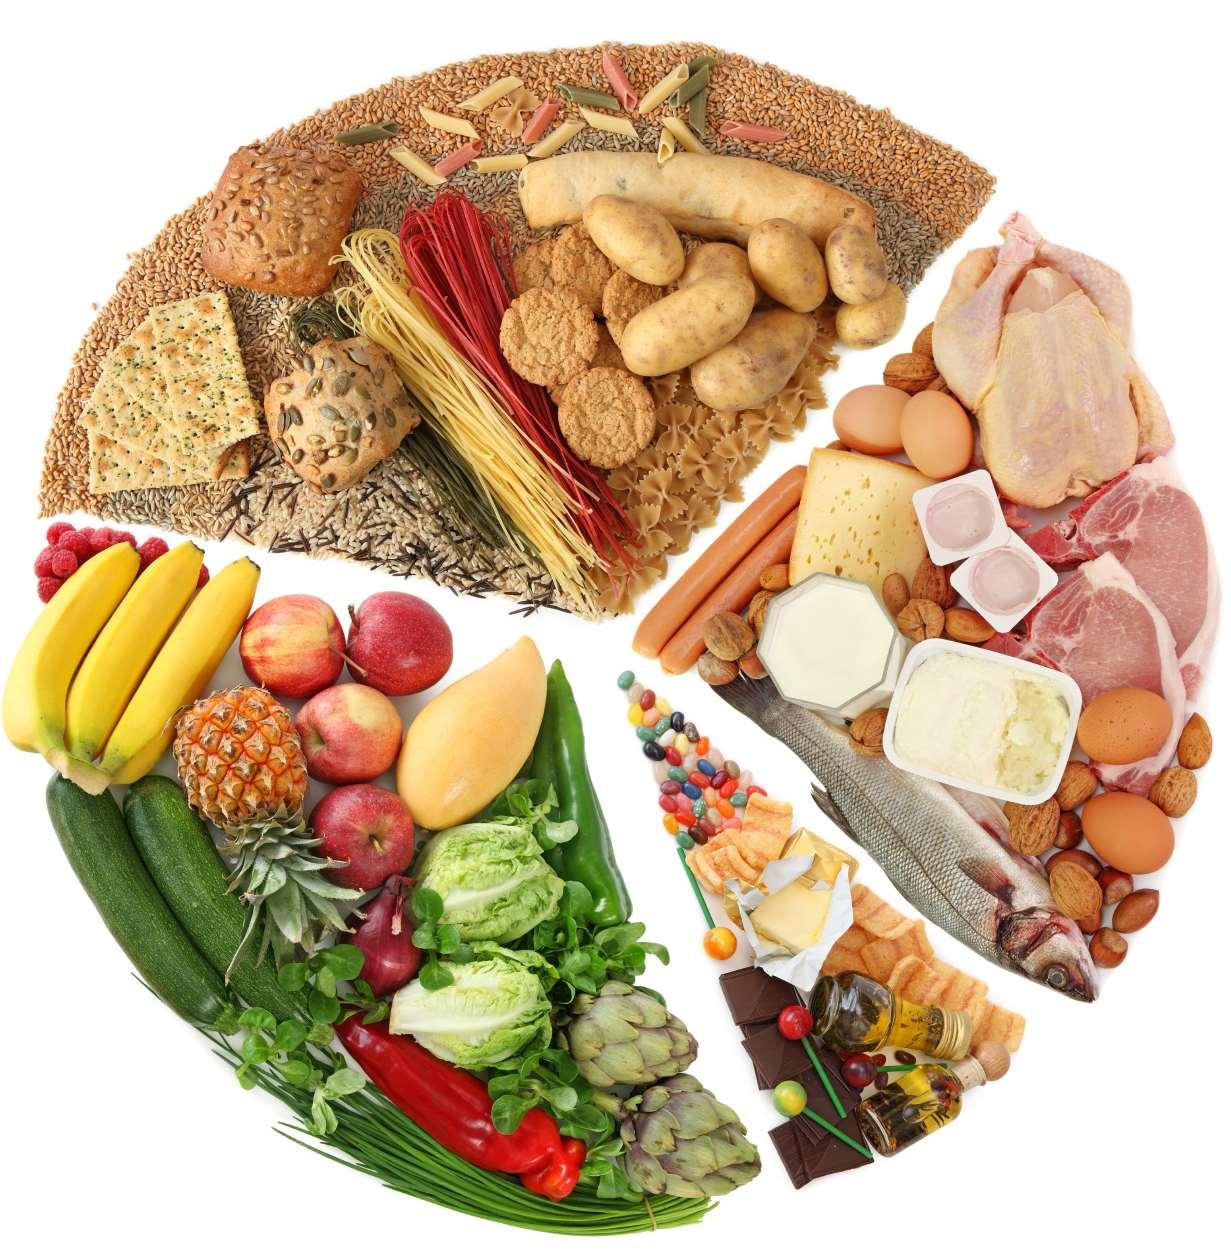 раздельное питание фото похудевших